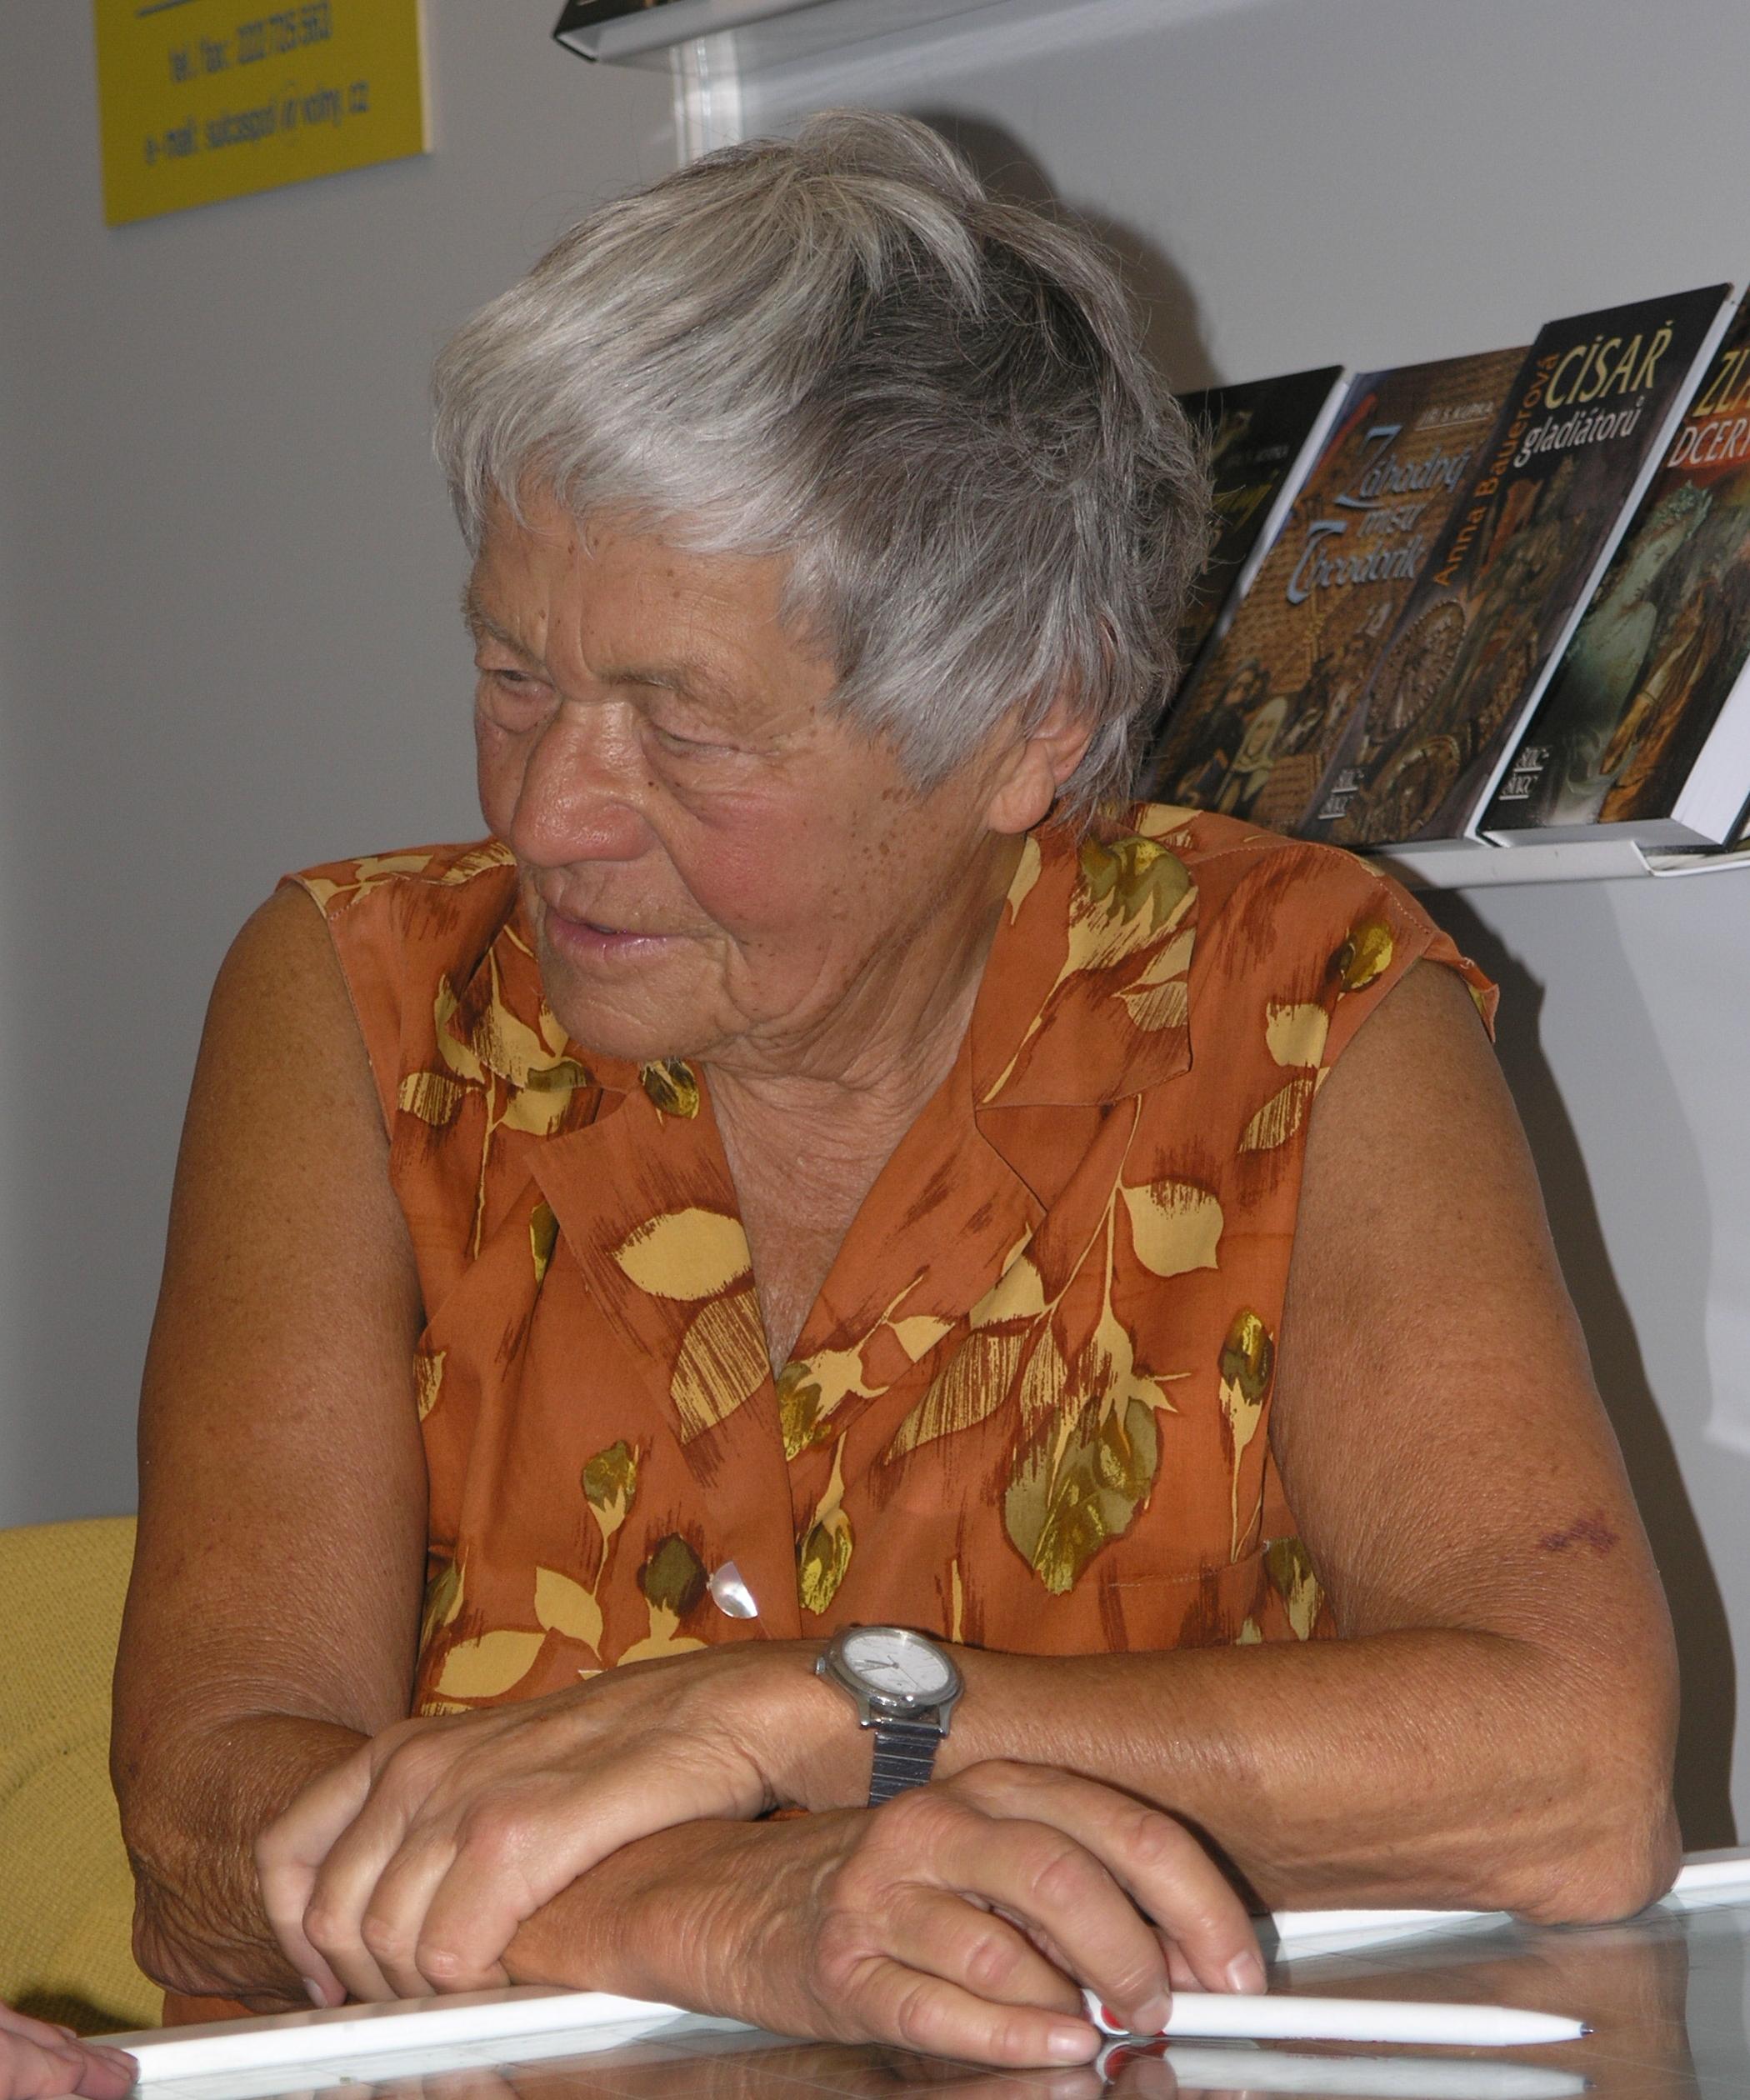 Ludmila Vaňková in 2009